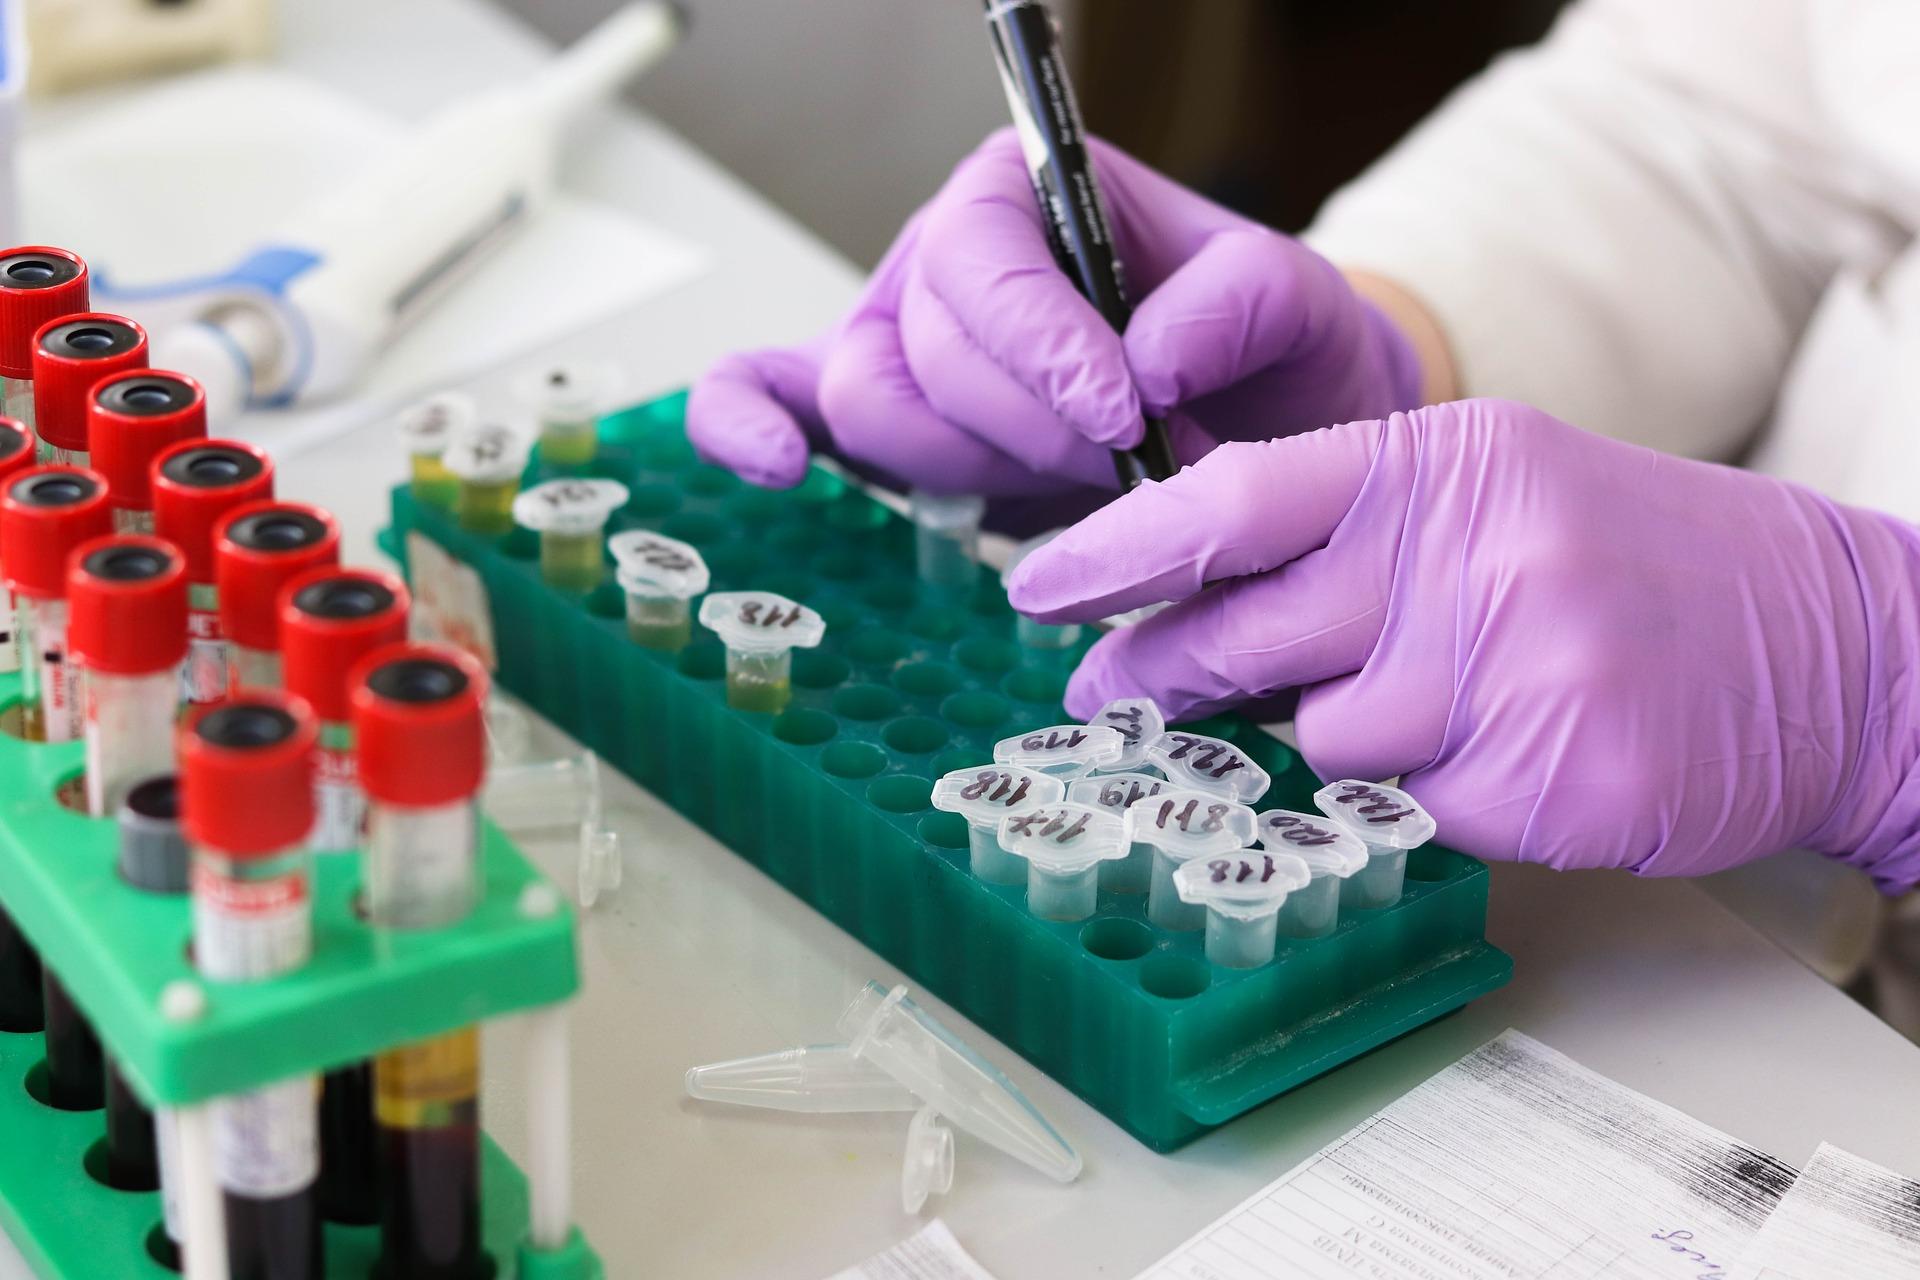 Good practices in labs and small production sites / Передовые практики в лабораториях и на небольших производственных площадках